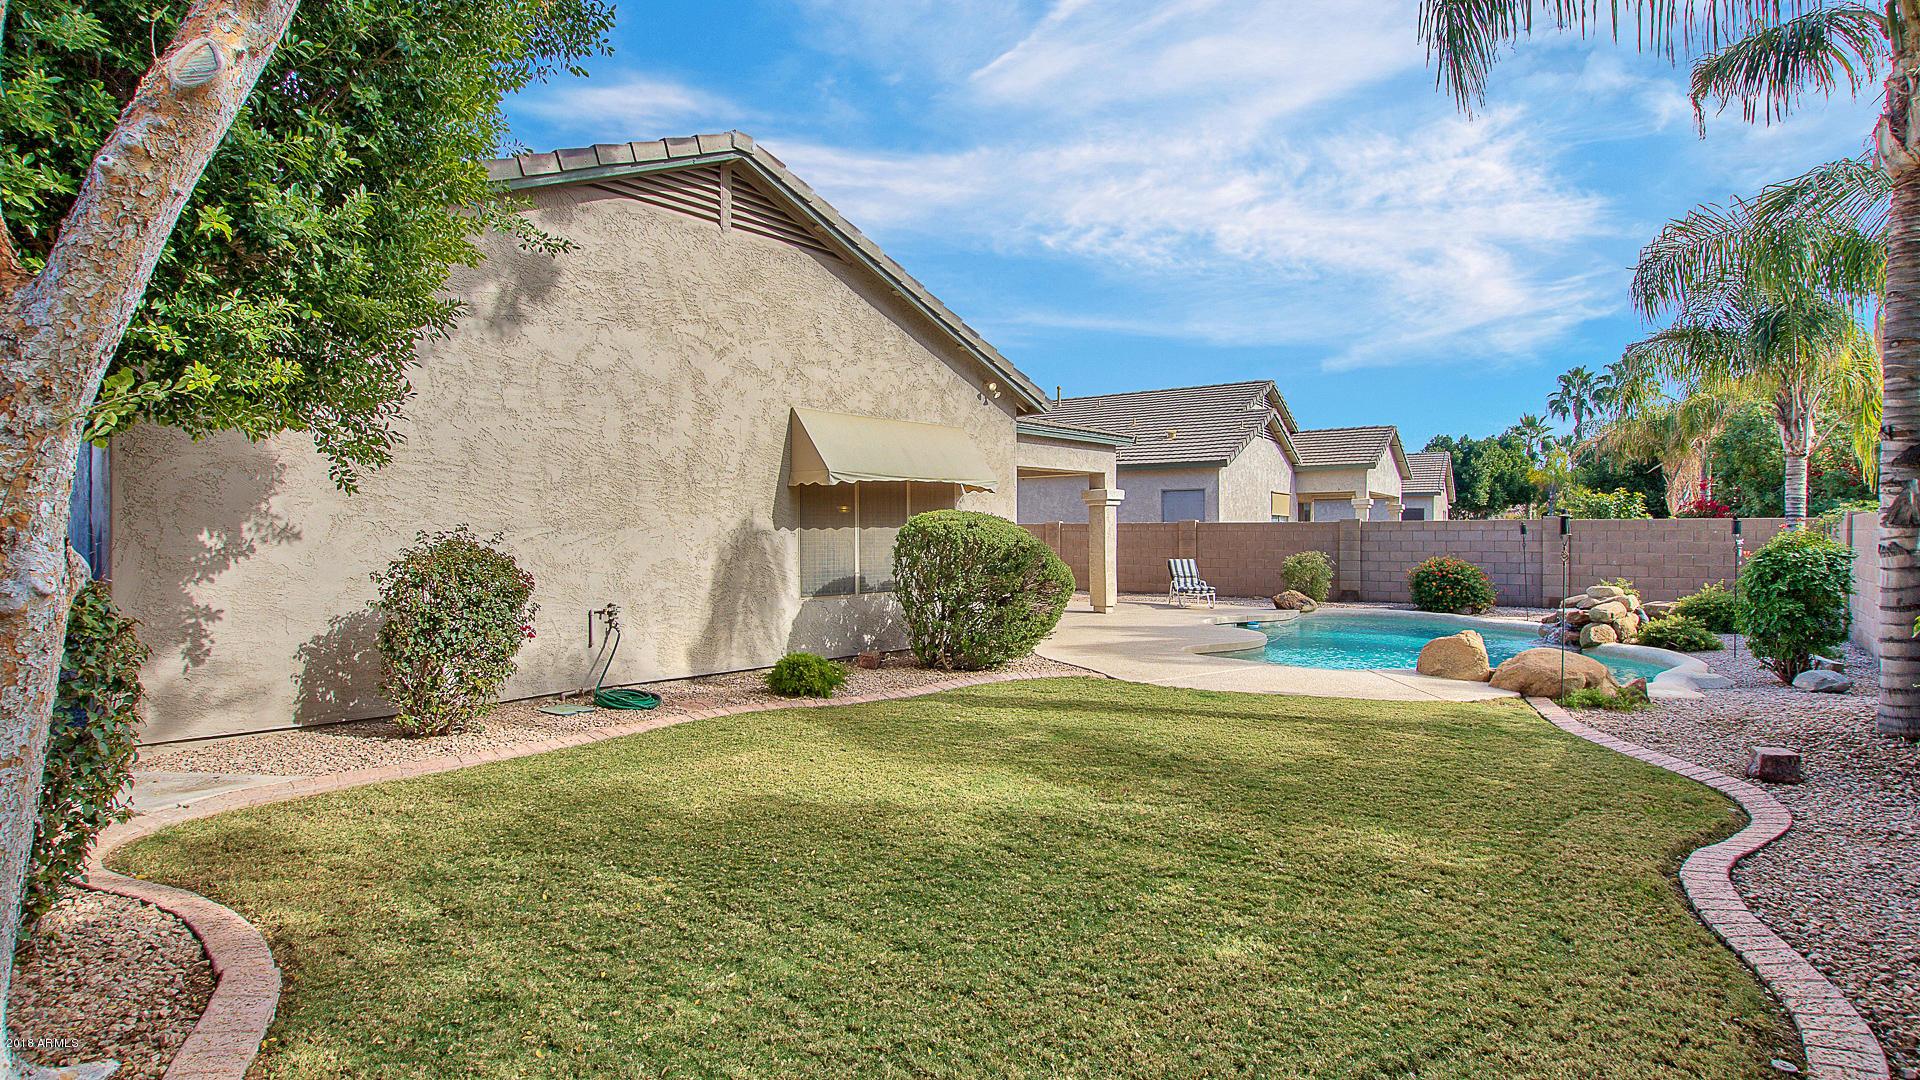 MLS 5854572 2185 W Olive Way, Chandler, AZ 85248 3 Bedroom Homes